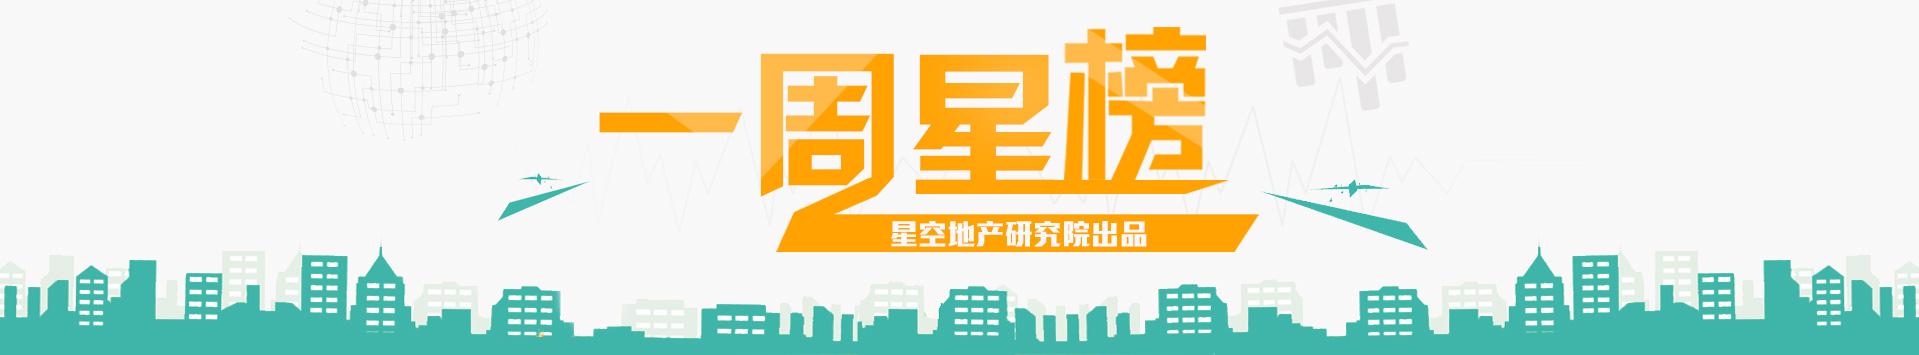 32周淮北商品房成交558套 商业开启承包模式